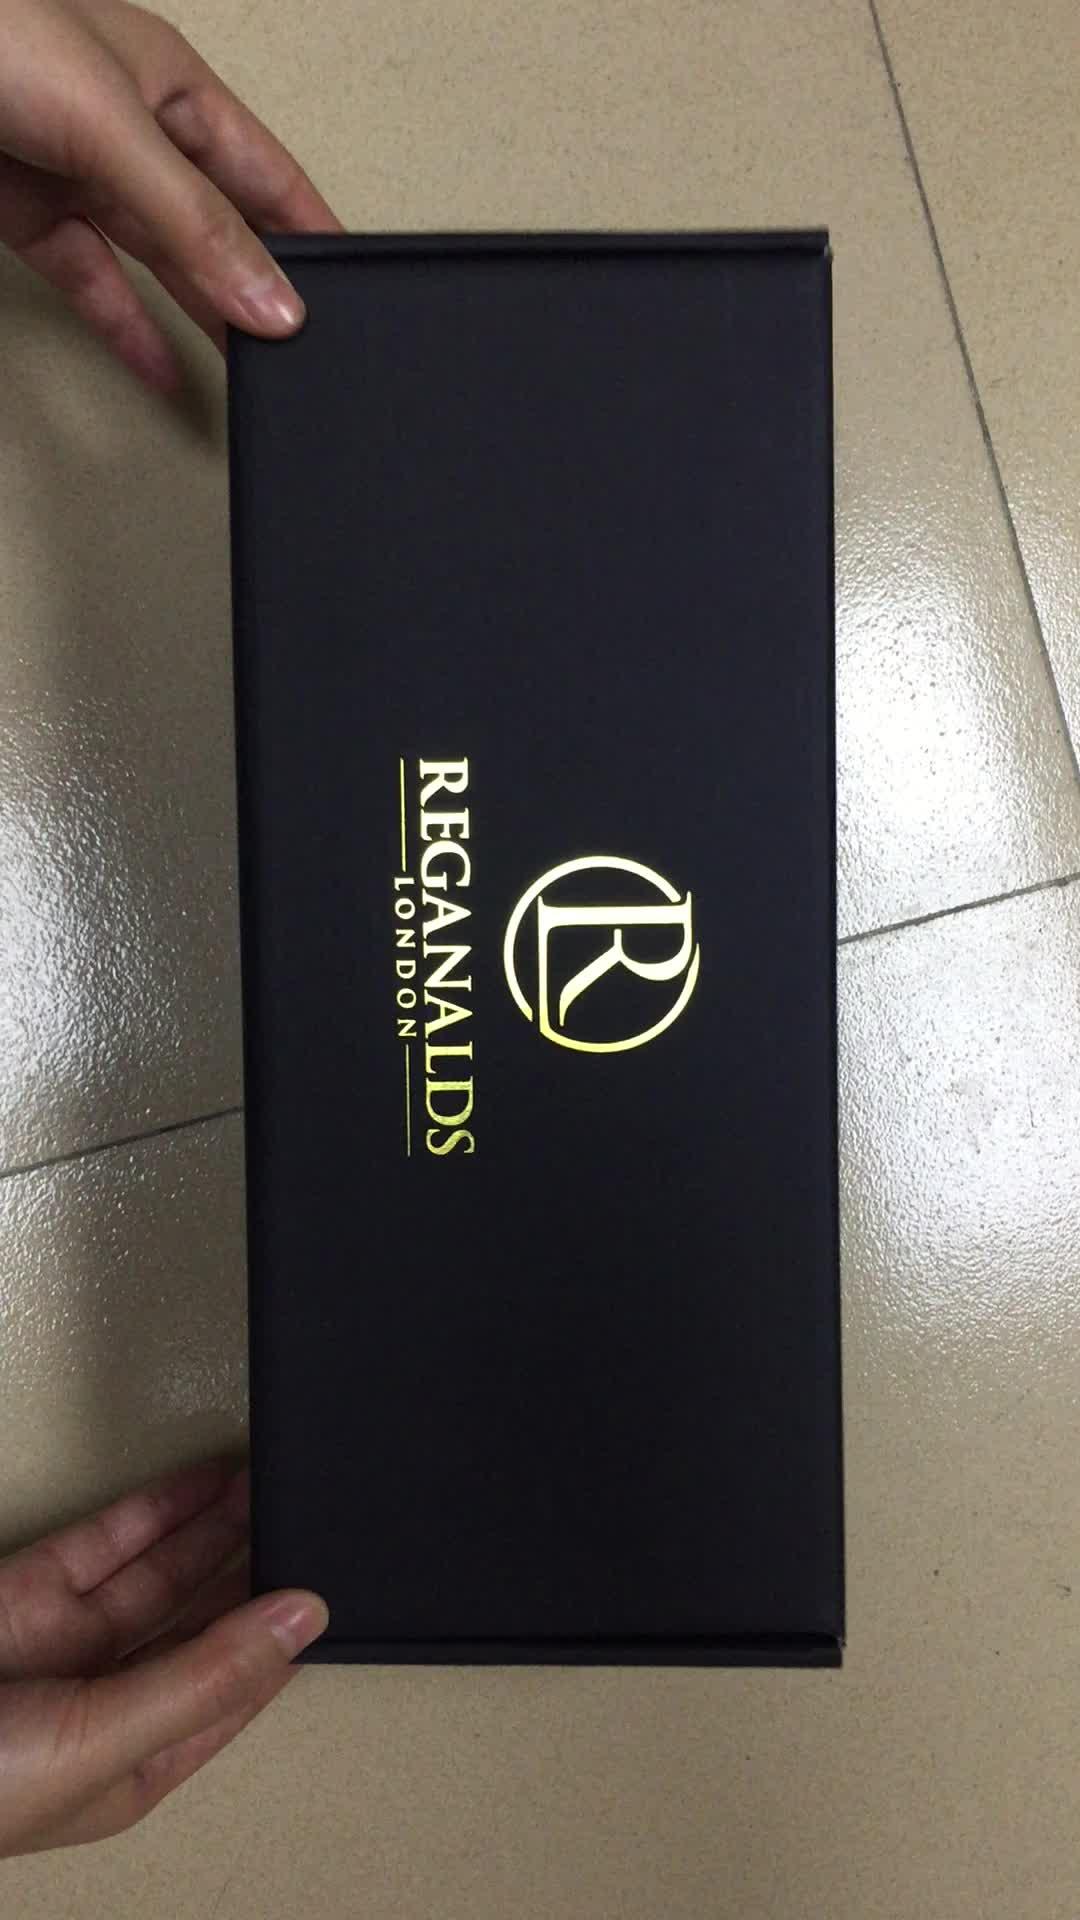 Custom Luxe Kartonnen Zwarte Golfkarton Dozen Voor Kleding Verpakking